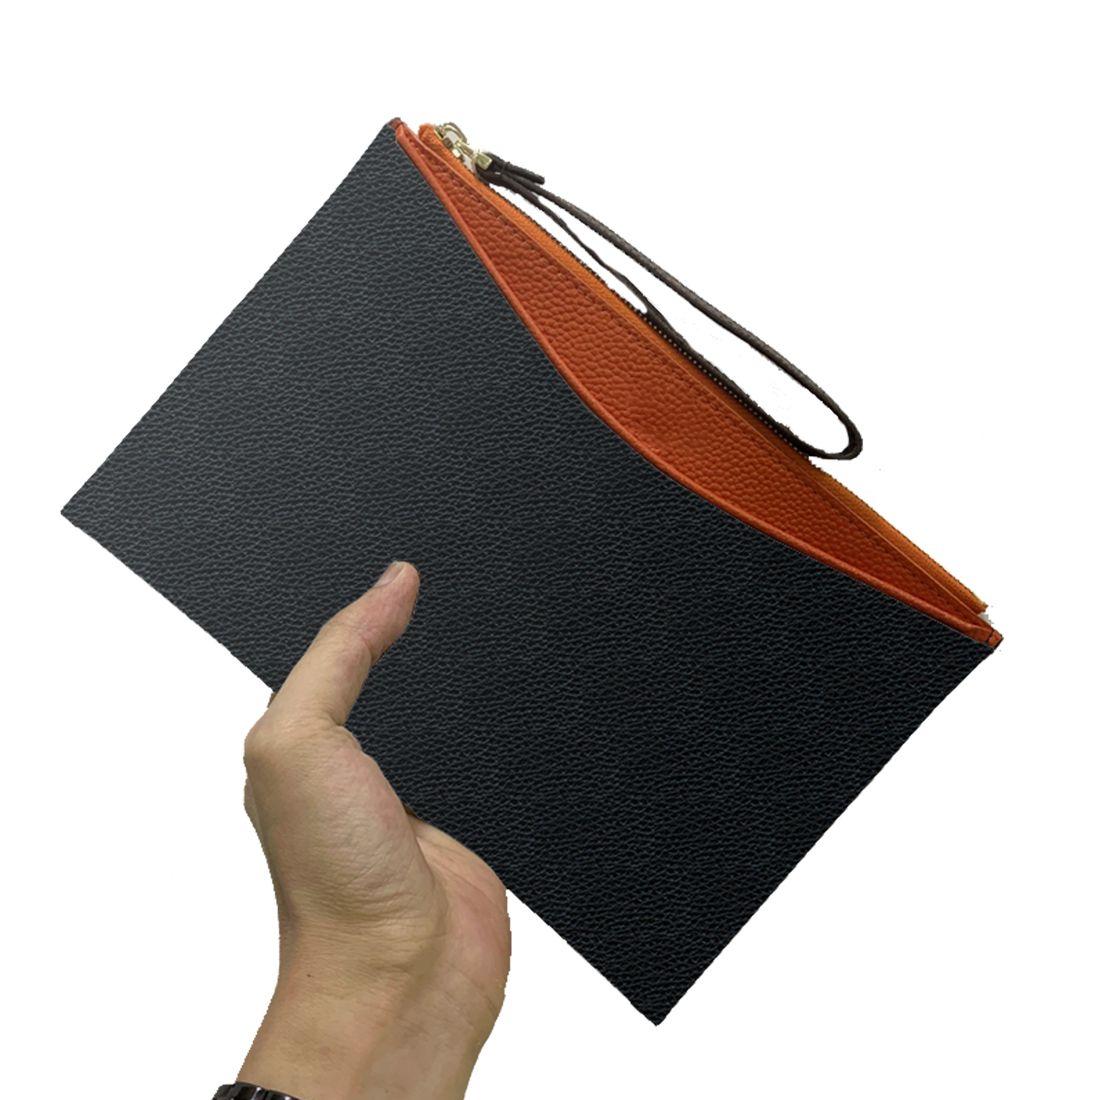 حقائب الفاصل أدوات الزينة الحقيبة حقائب المحافظ للرجال محافظ سيدات حقيبة يد كتف حقيبة بطاقة محافظ أزياء حامل المحفظة سلسلة مفتاح الحقيبة 08 623